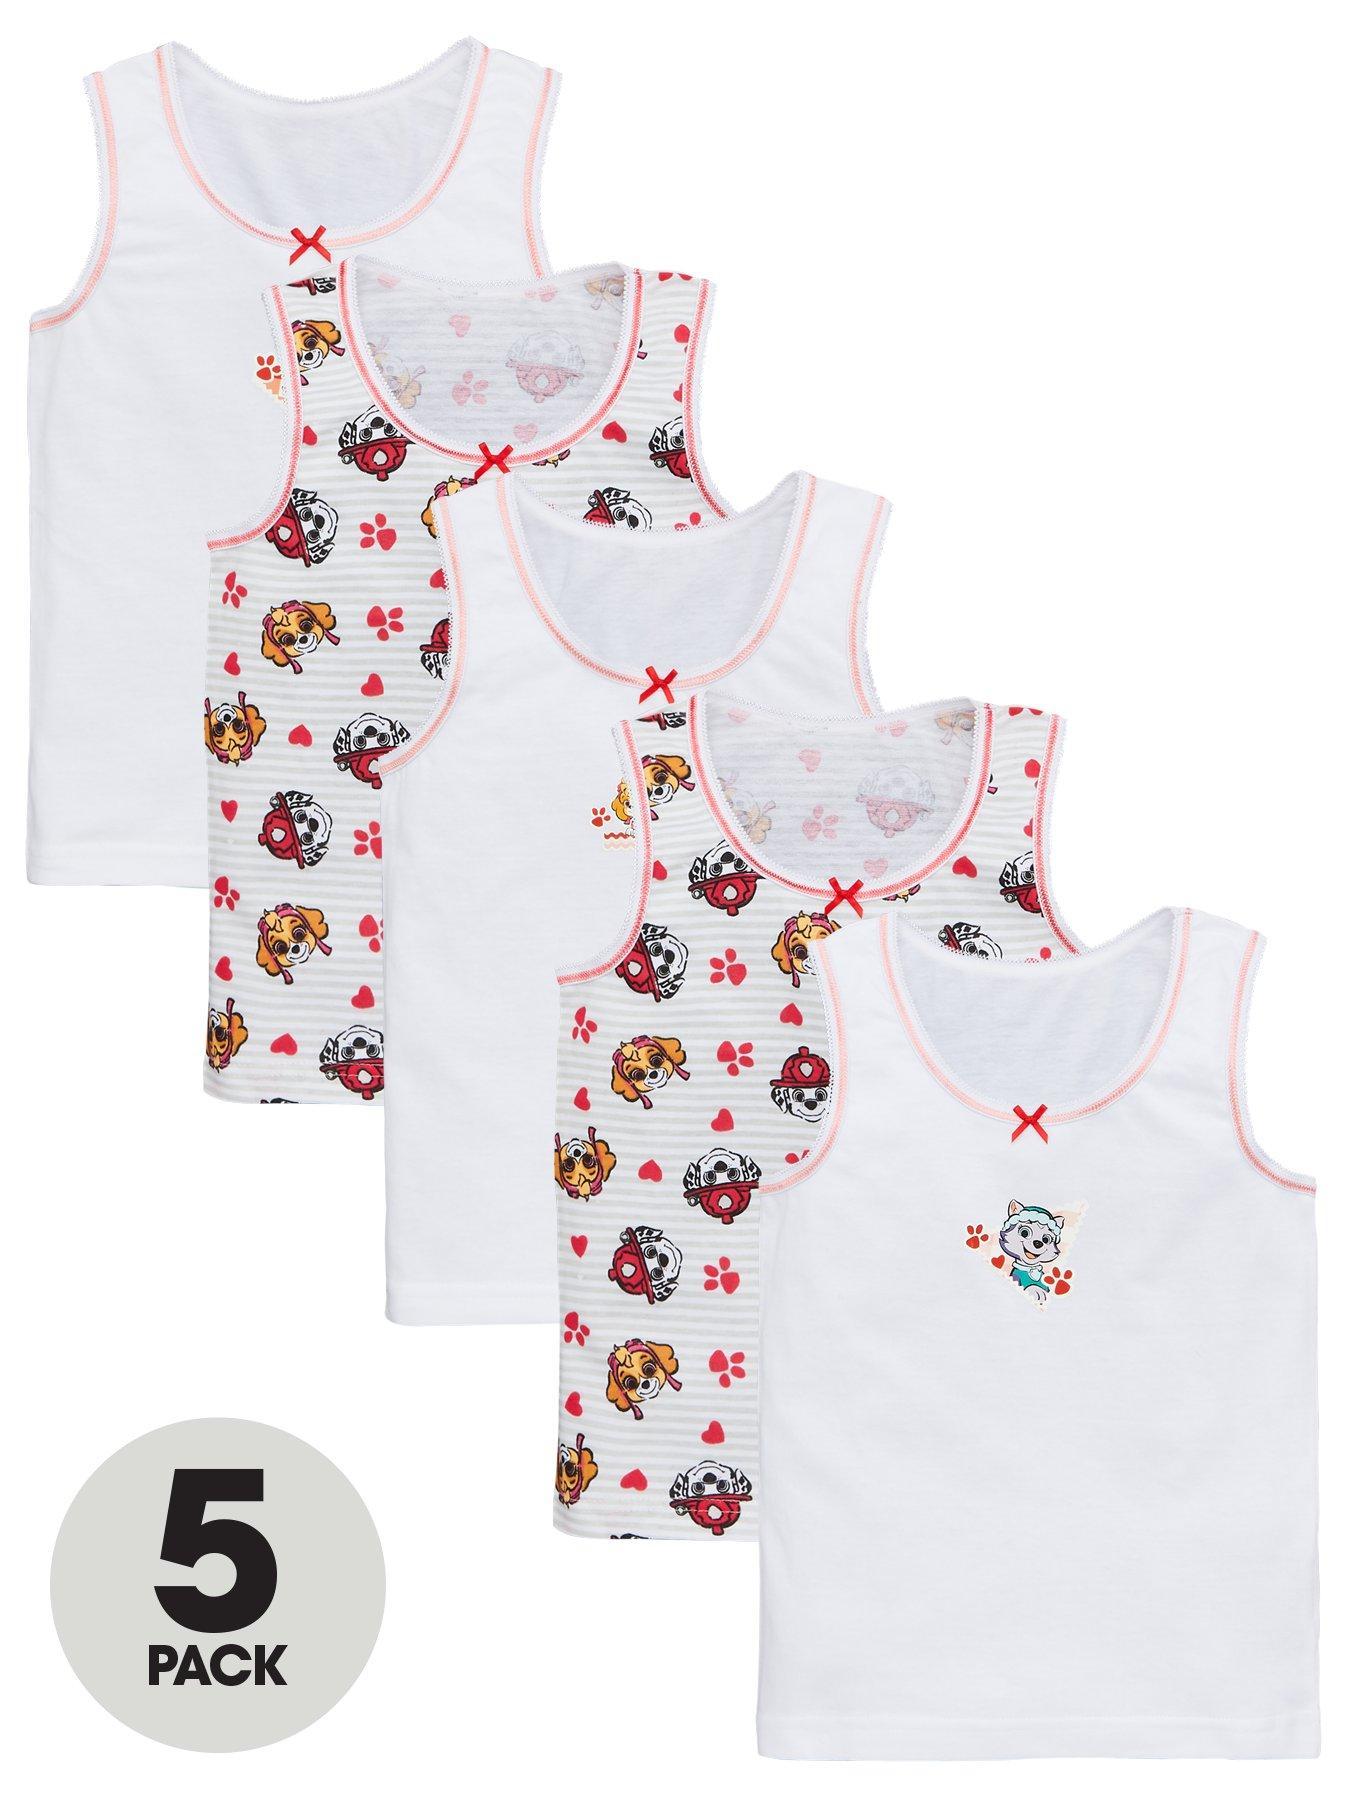 Paw Patrol Little Girls Toddler Long Sleeve Christmas Pajama Set